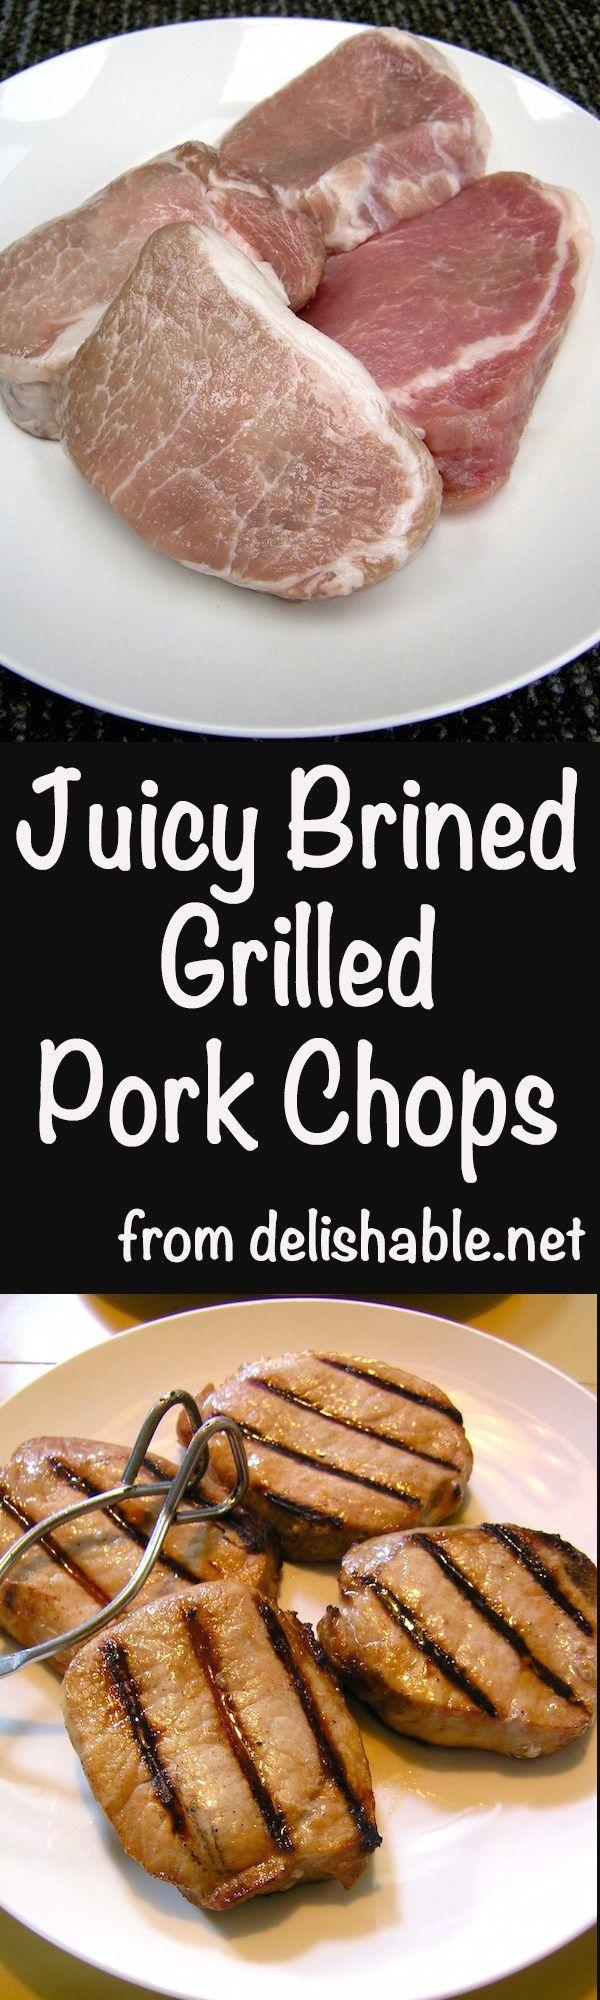 Juicy Brined Grilled Pork Chops